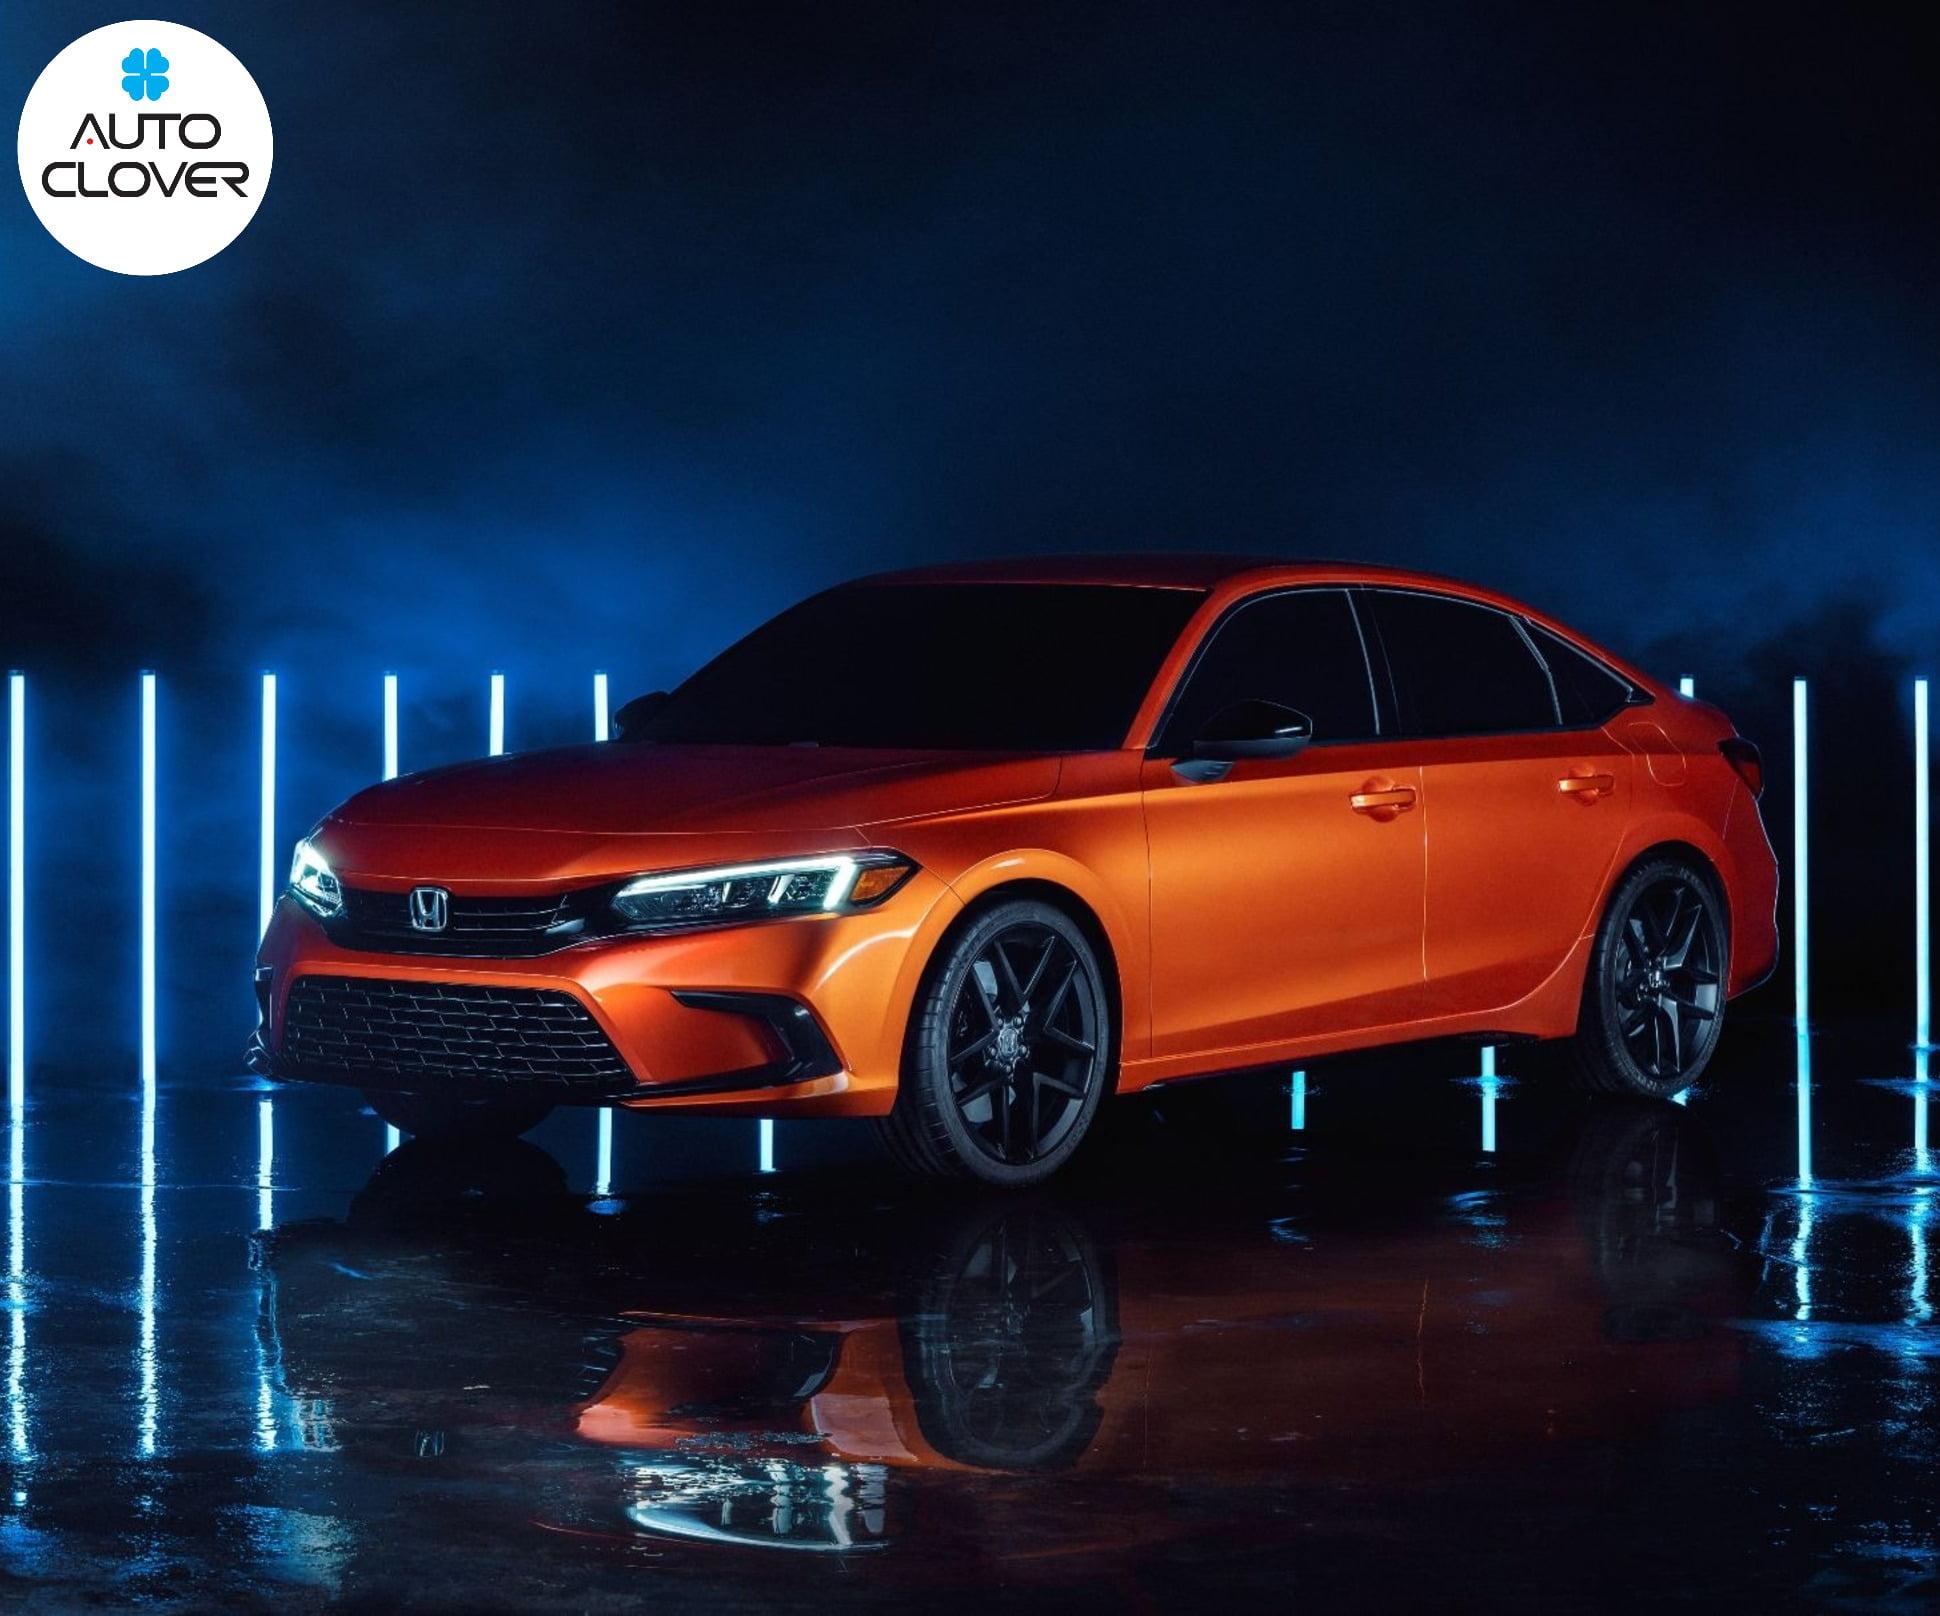 Khi đến với Auto Clover khách hàng không chỉ nhận được những giá trị về mặt chất lượng sản phẩm mà còn về những trải nghiệm thú vị.